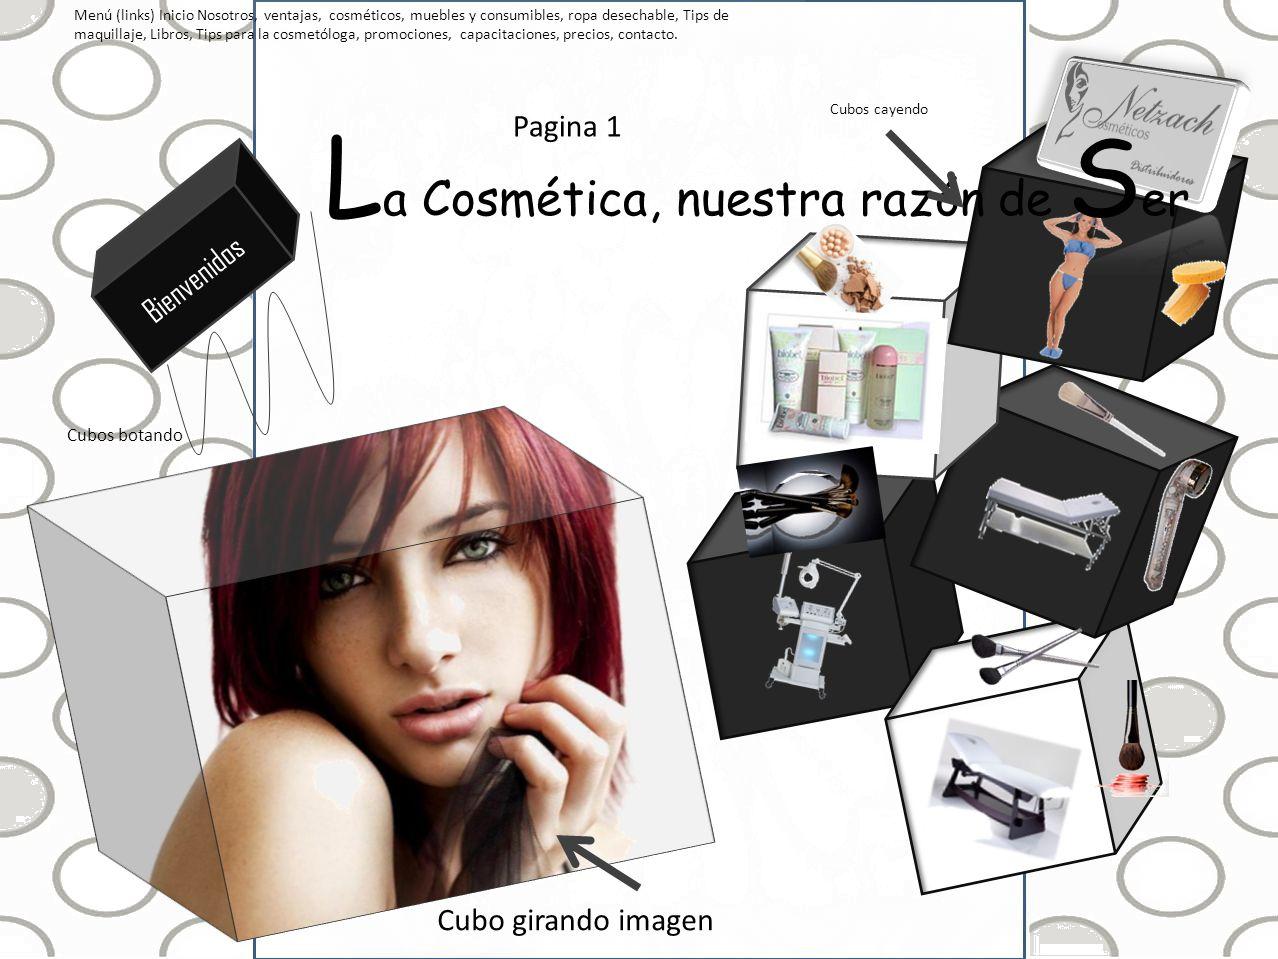 Menú (links) Inicio Nosotros, ventajas, cosméticos, muebles y consumibles, ropa desechable, Tips de maquillaje, Libros, Tips para la cosmetóloga, prom